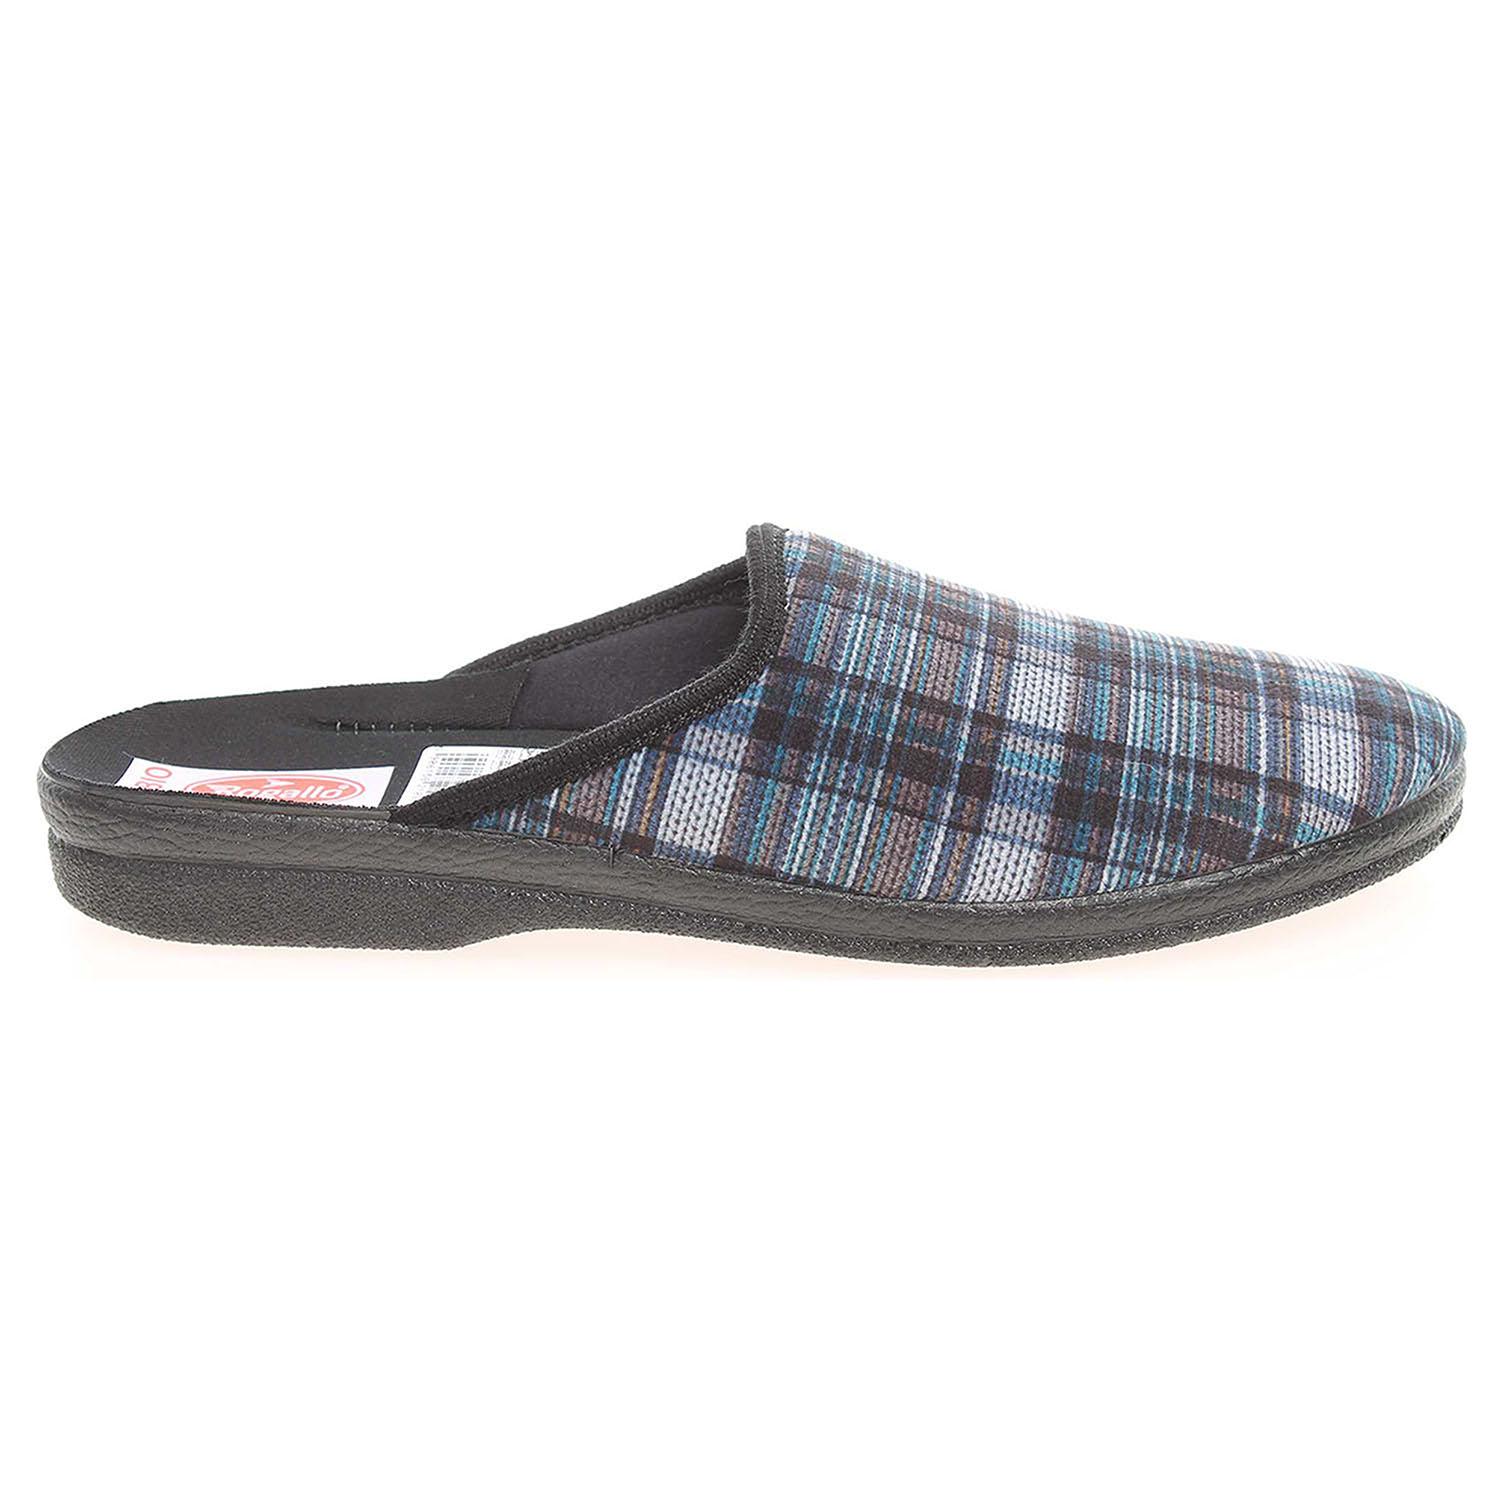 Rogallo pánské domácí pantofle 21091 modré 41